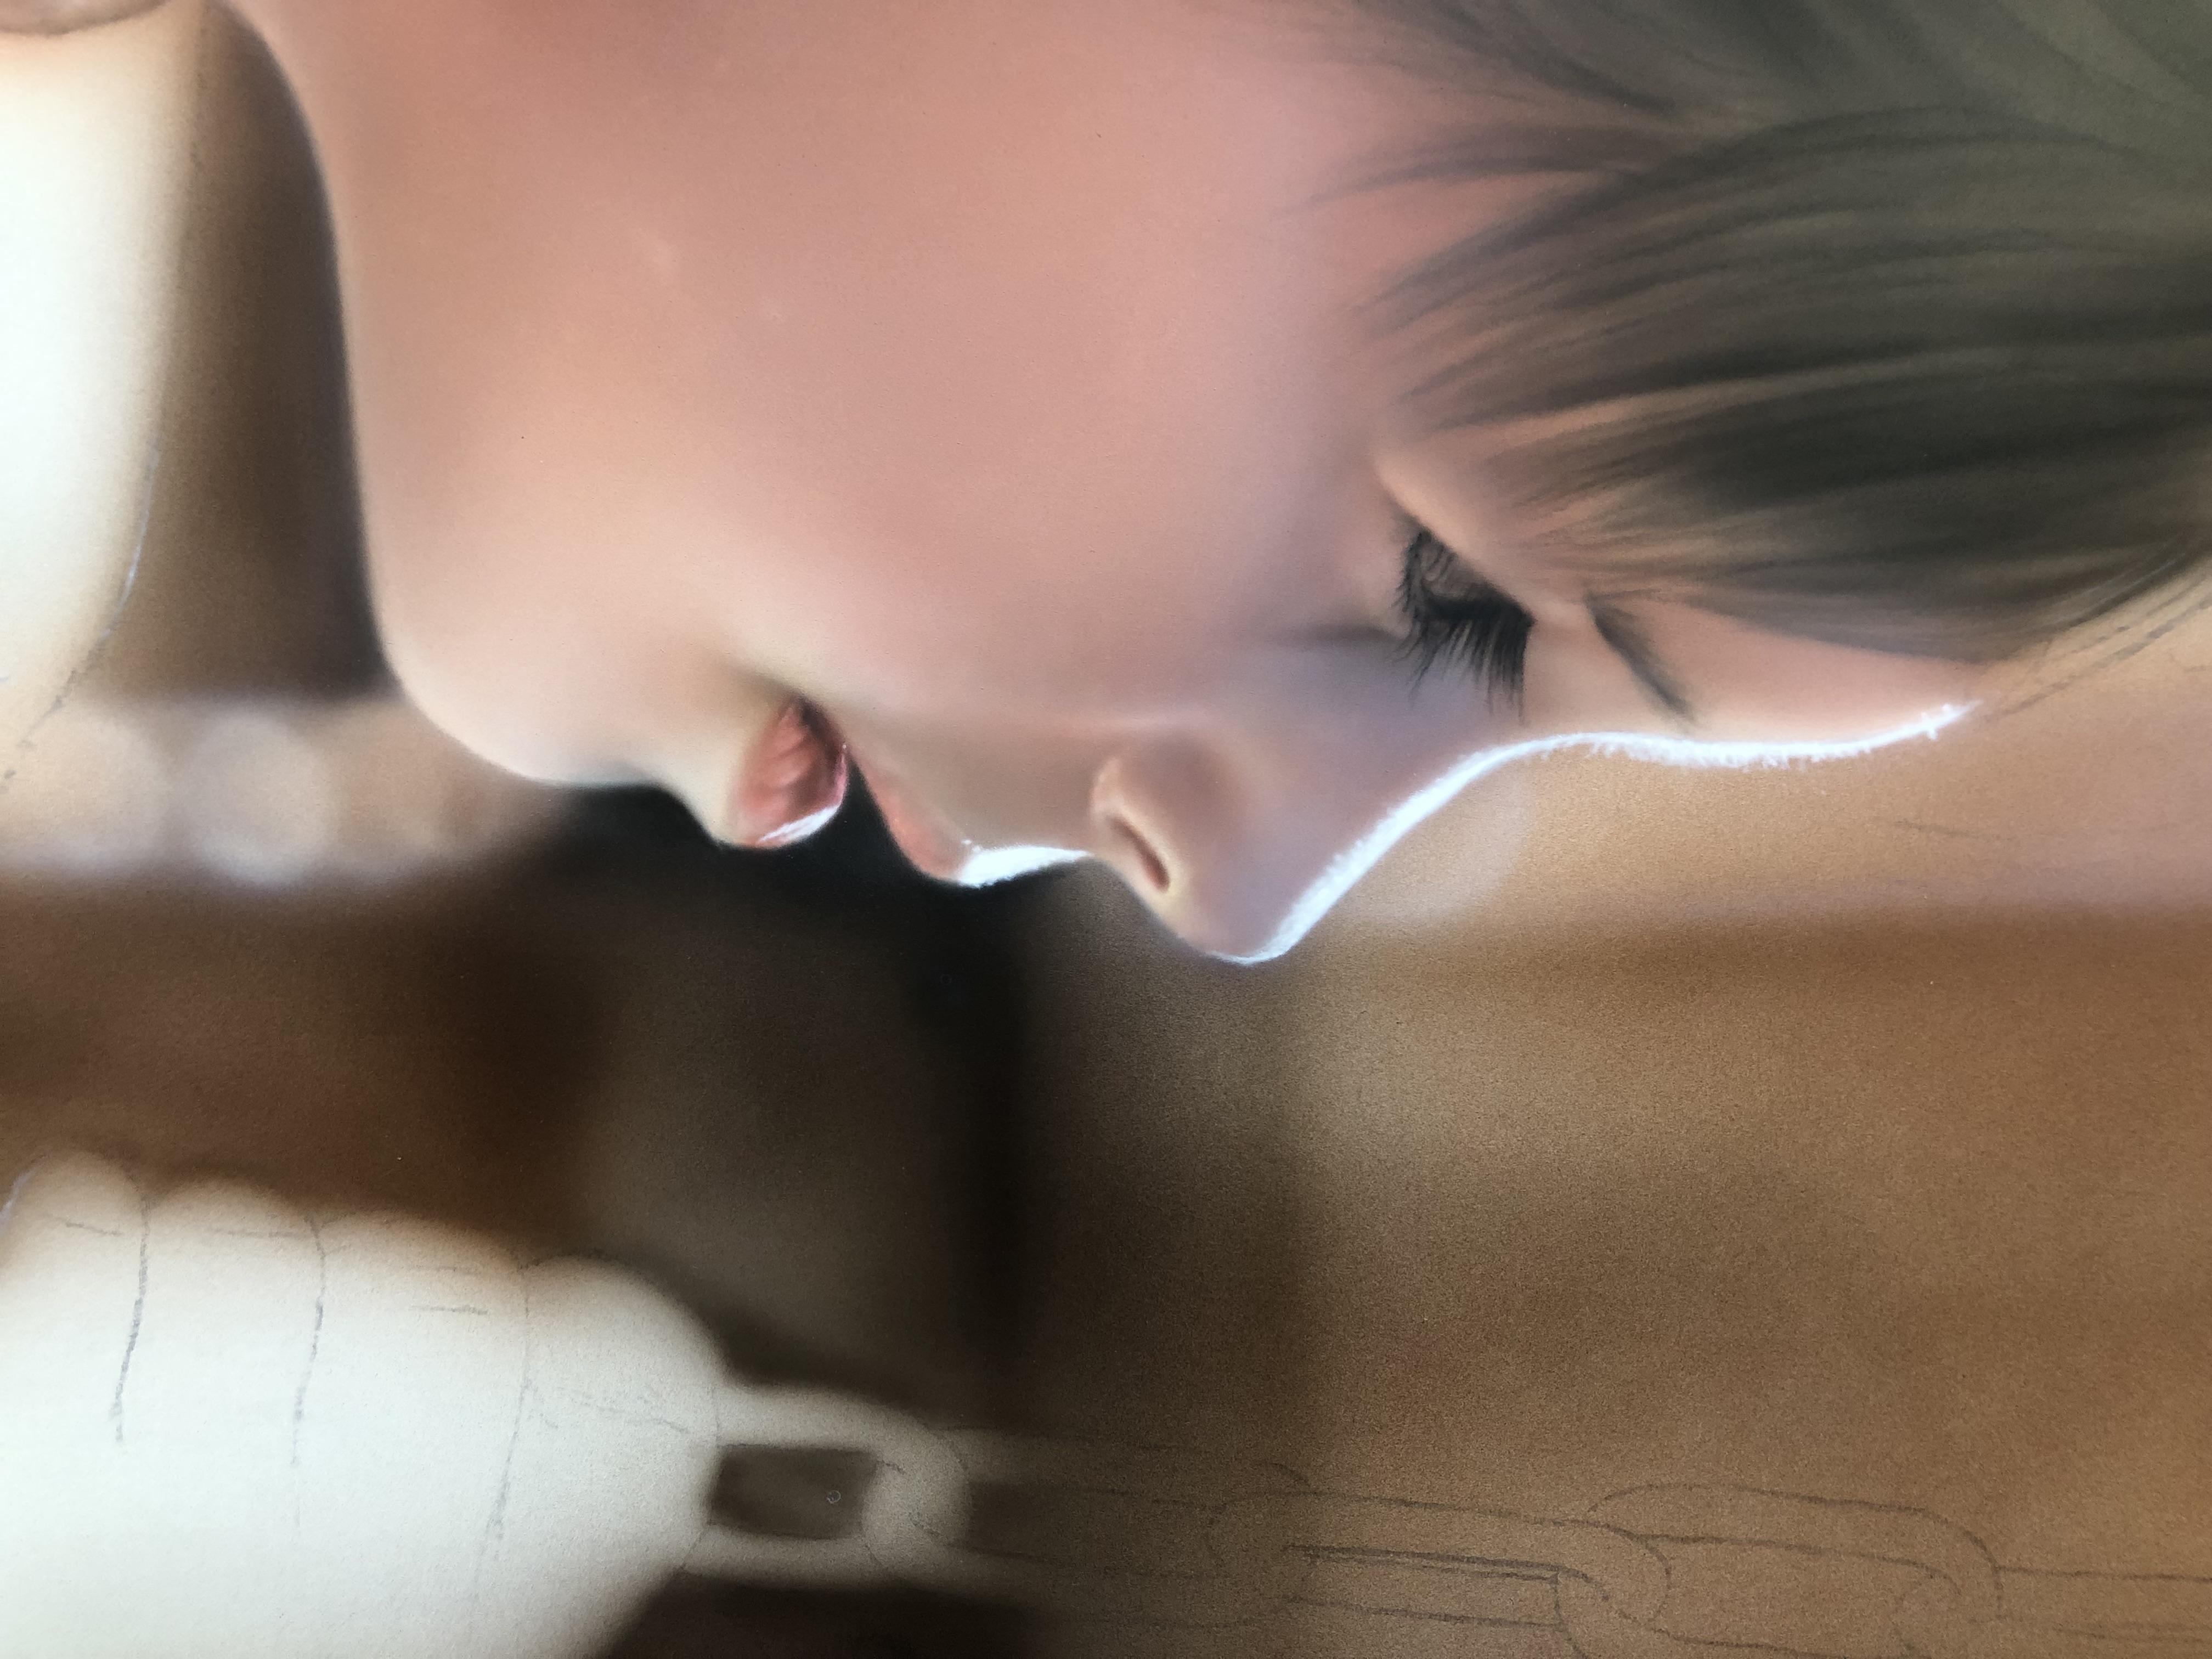 エアブラシアート人物画編髪の描き方肌のハイライト